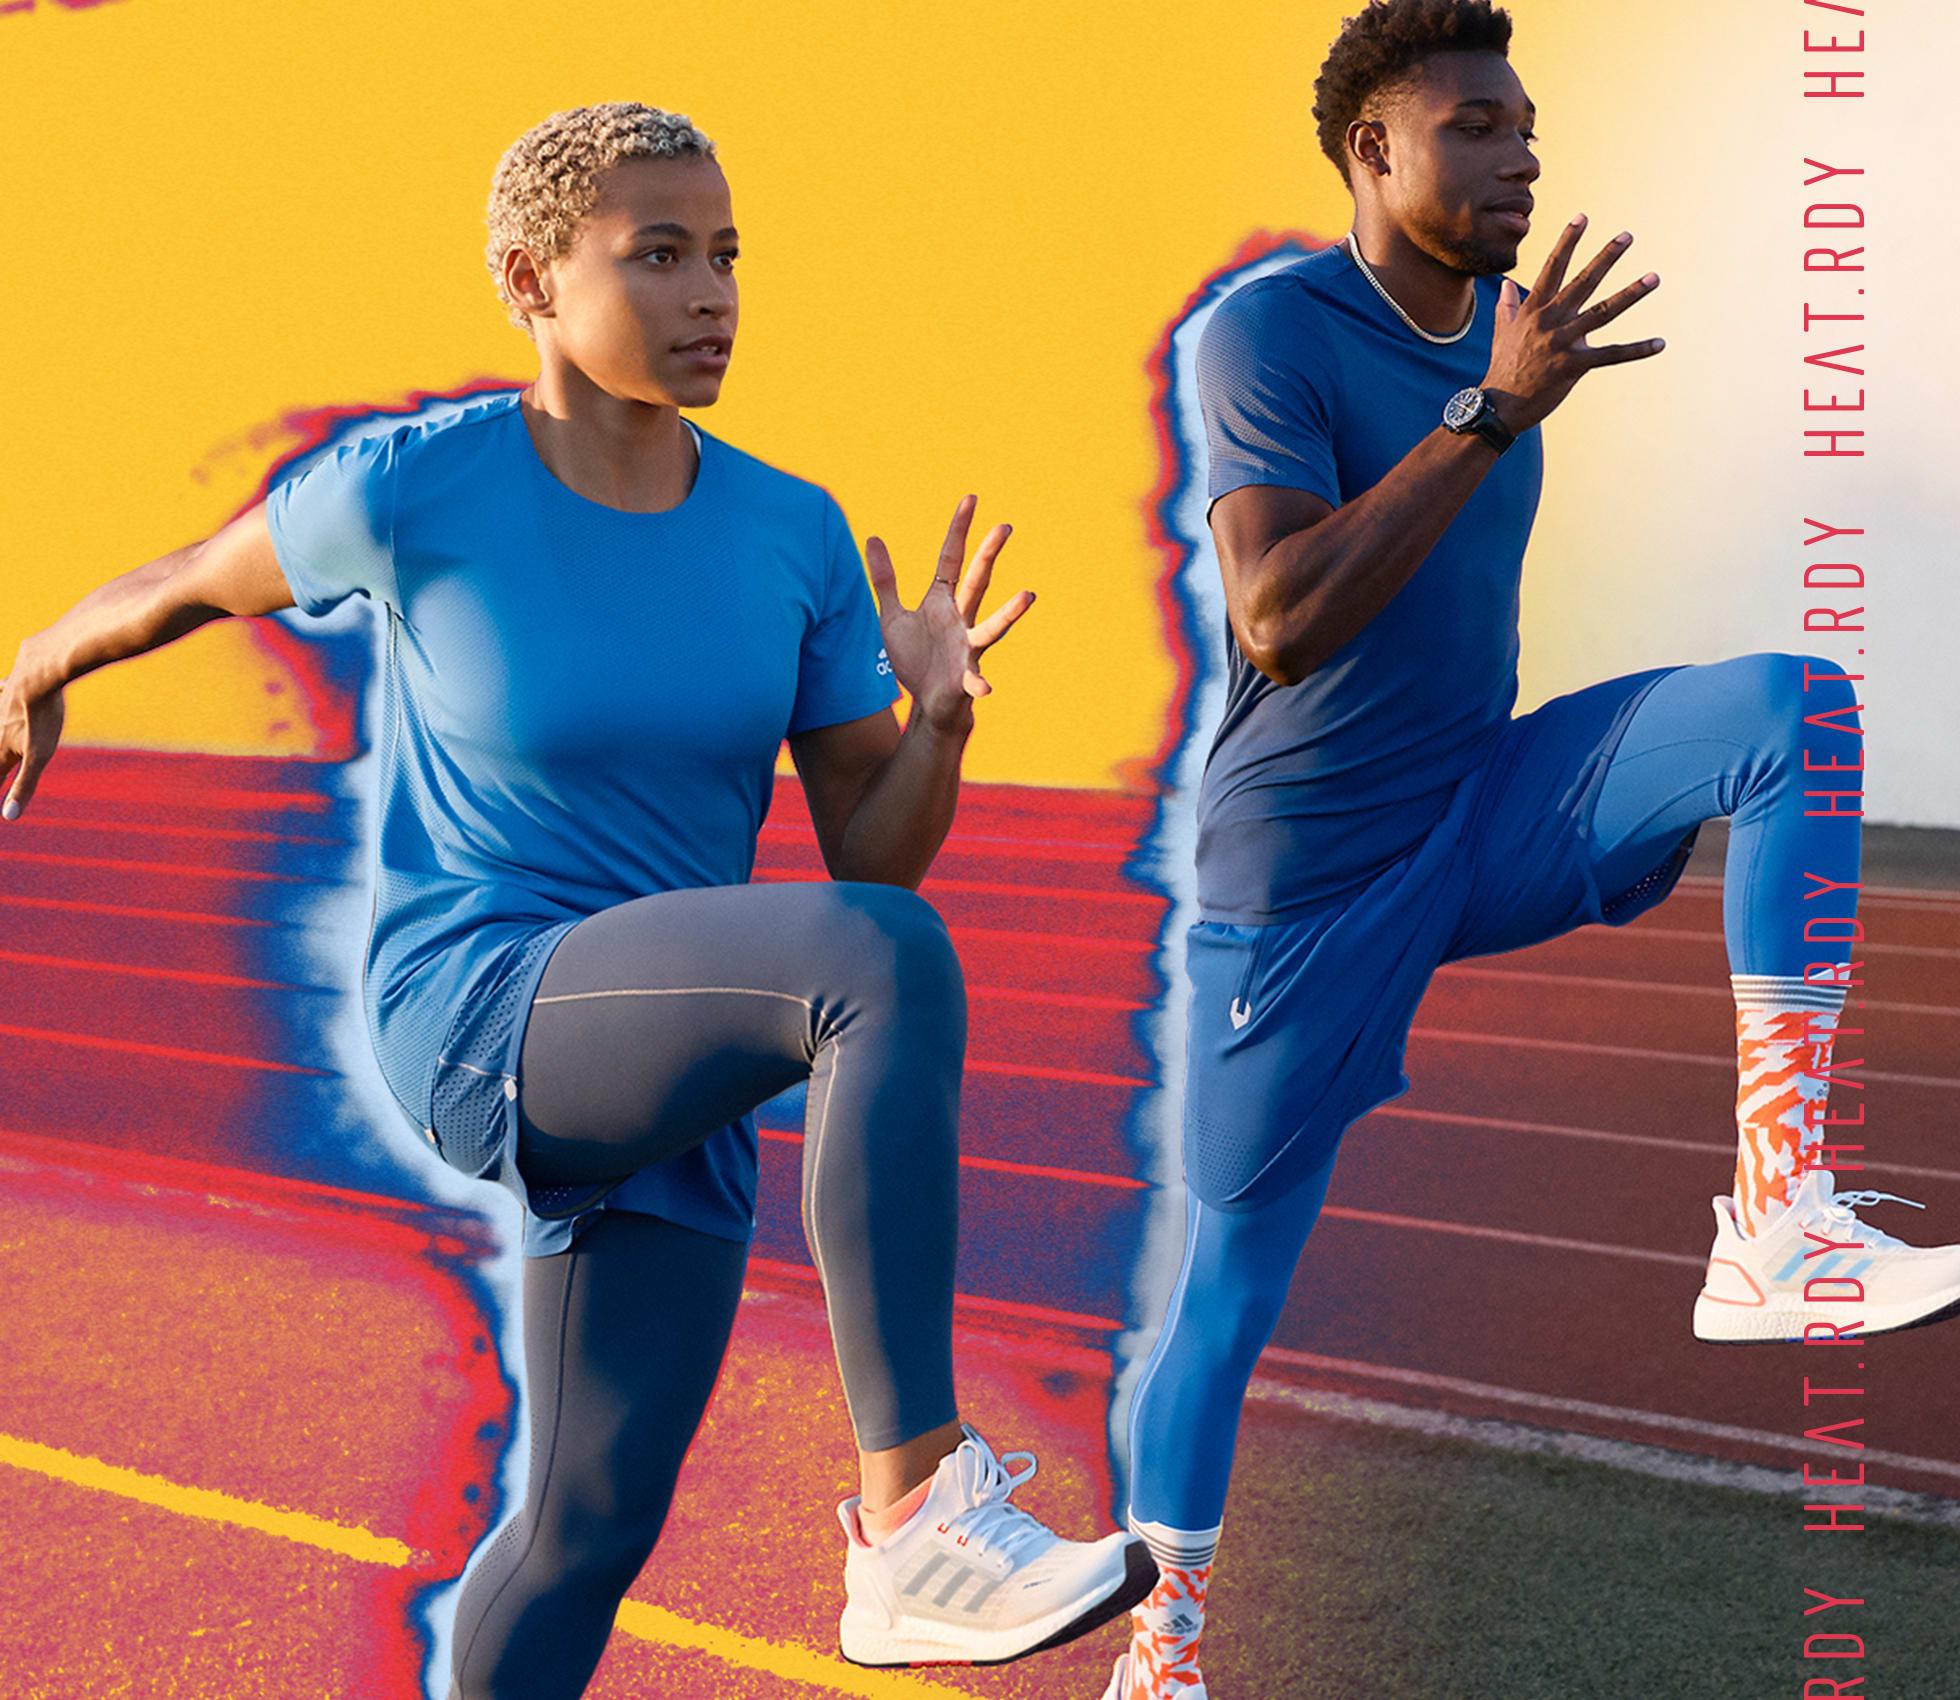 adidas Officiella Webbplats Sverige | Sportkläder